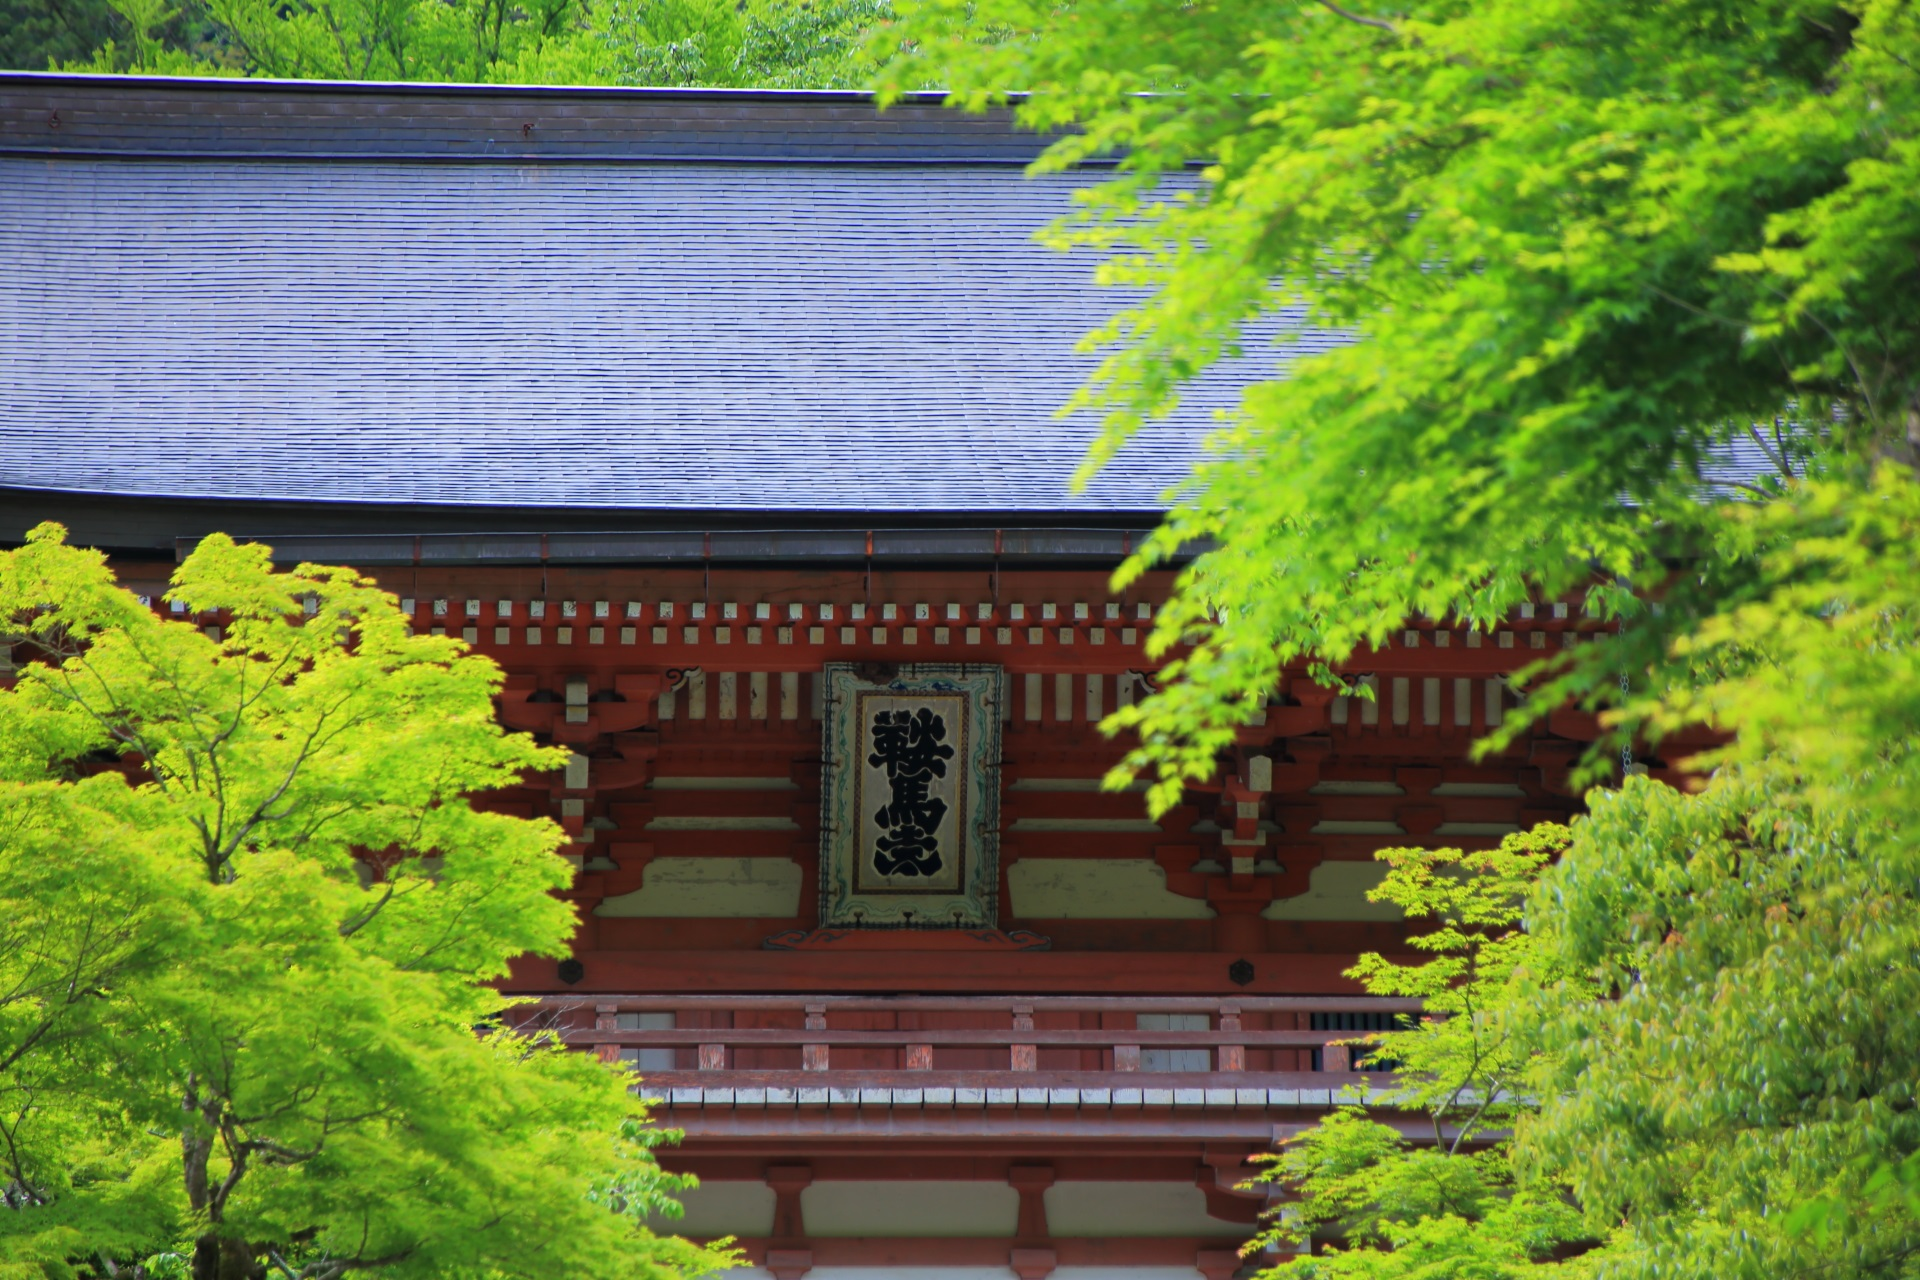 鞍馬寺の新緑につつまれた仁王門